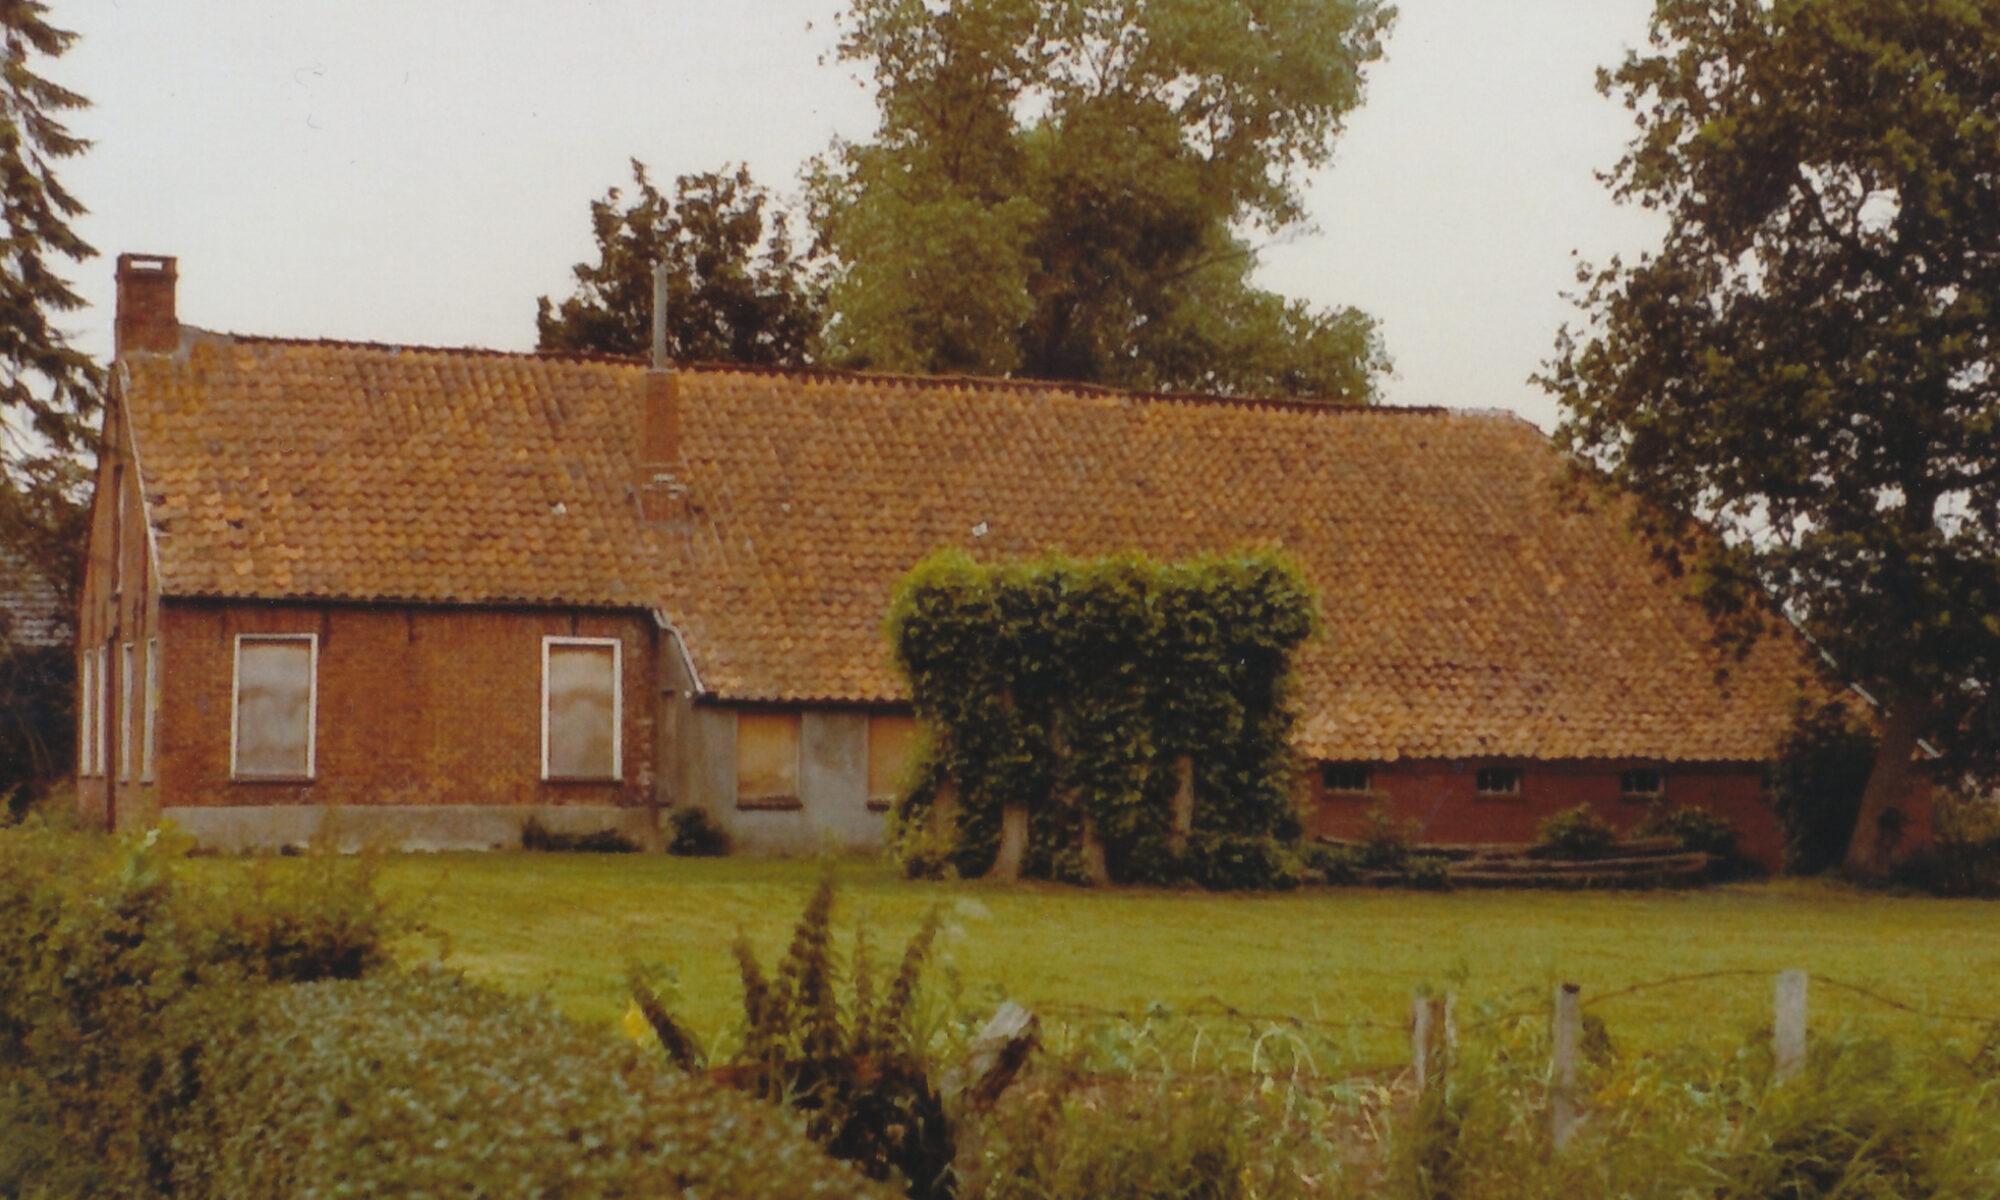 Bauernhof der Familie Lazarus in Stapelmoor